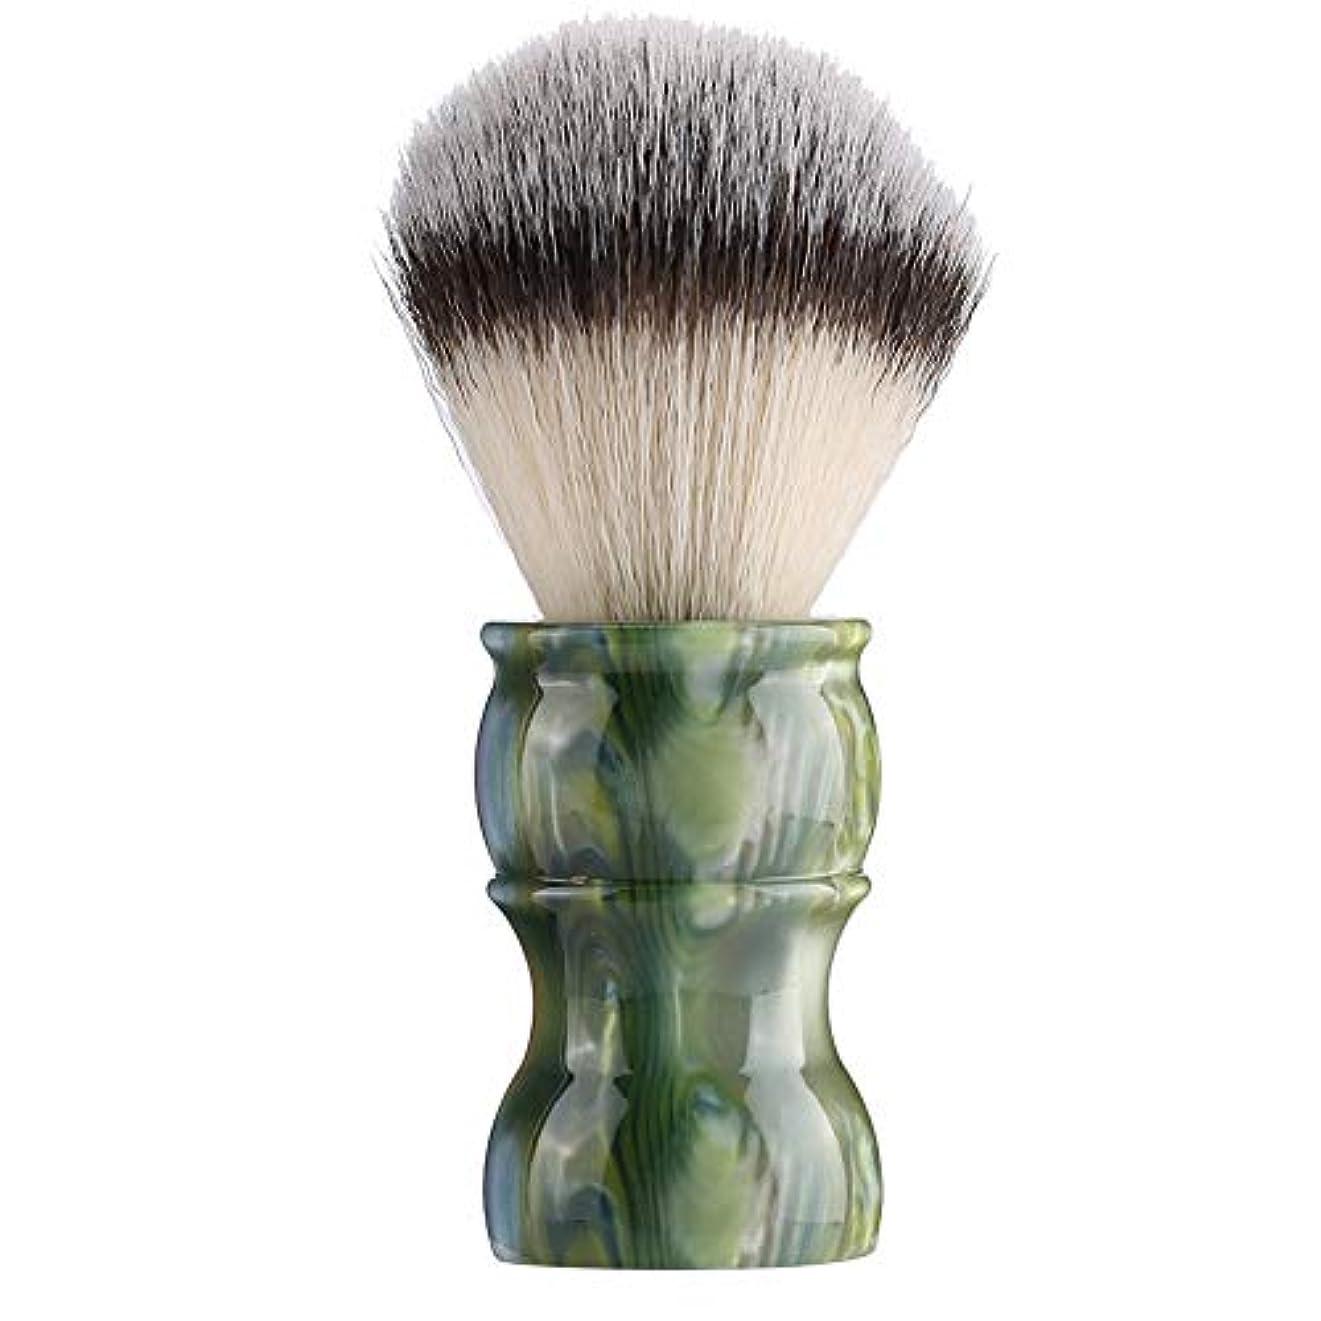 髄議論する誕生専門の手動ひげの剃るブラシ、密集したナイロン毛のきれいな人の口ひげのブラシ家および旅行のための携帯用メンズひげのブラシ(#2)